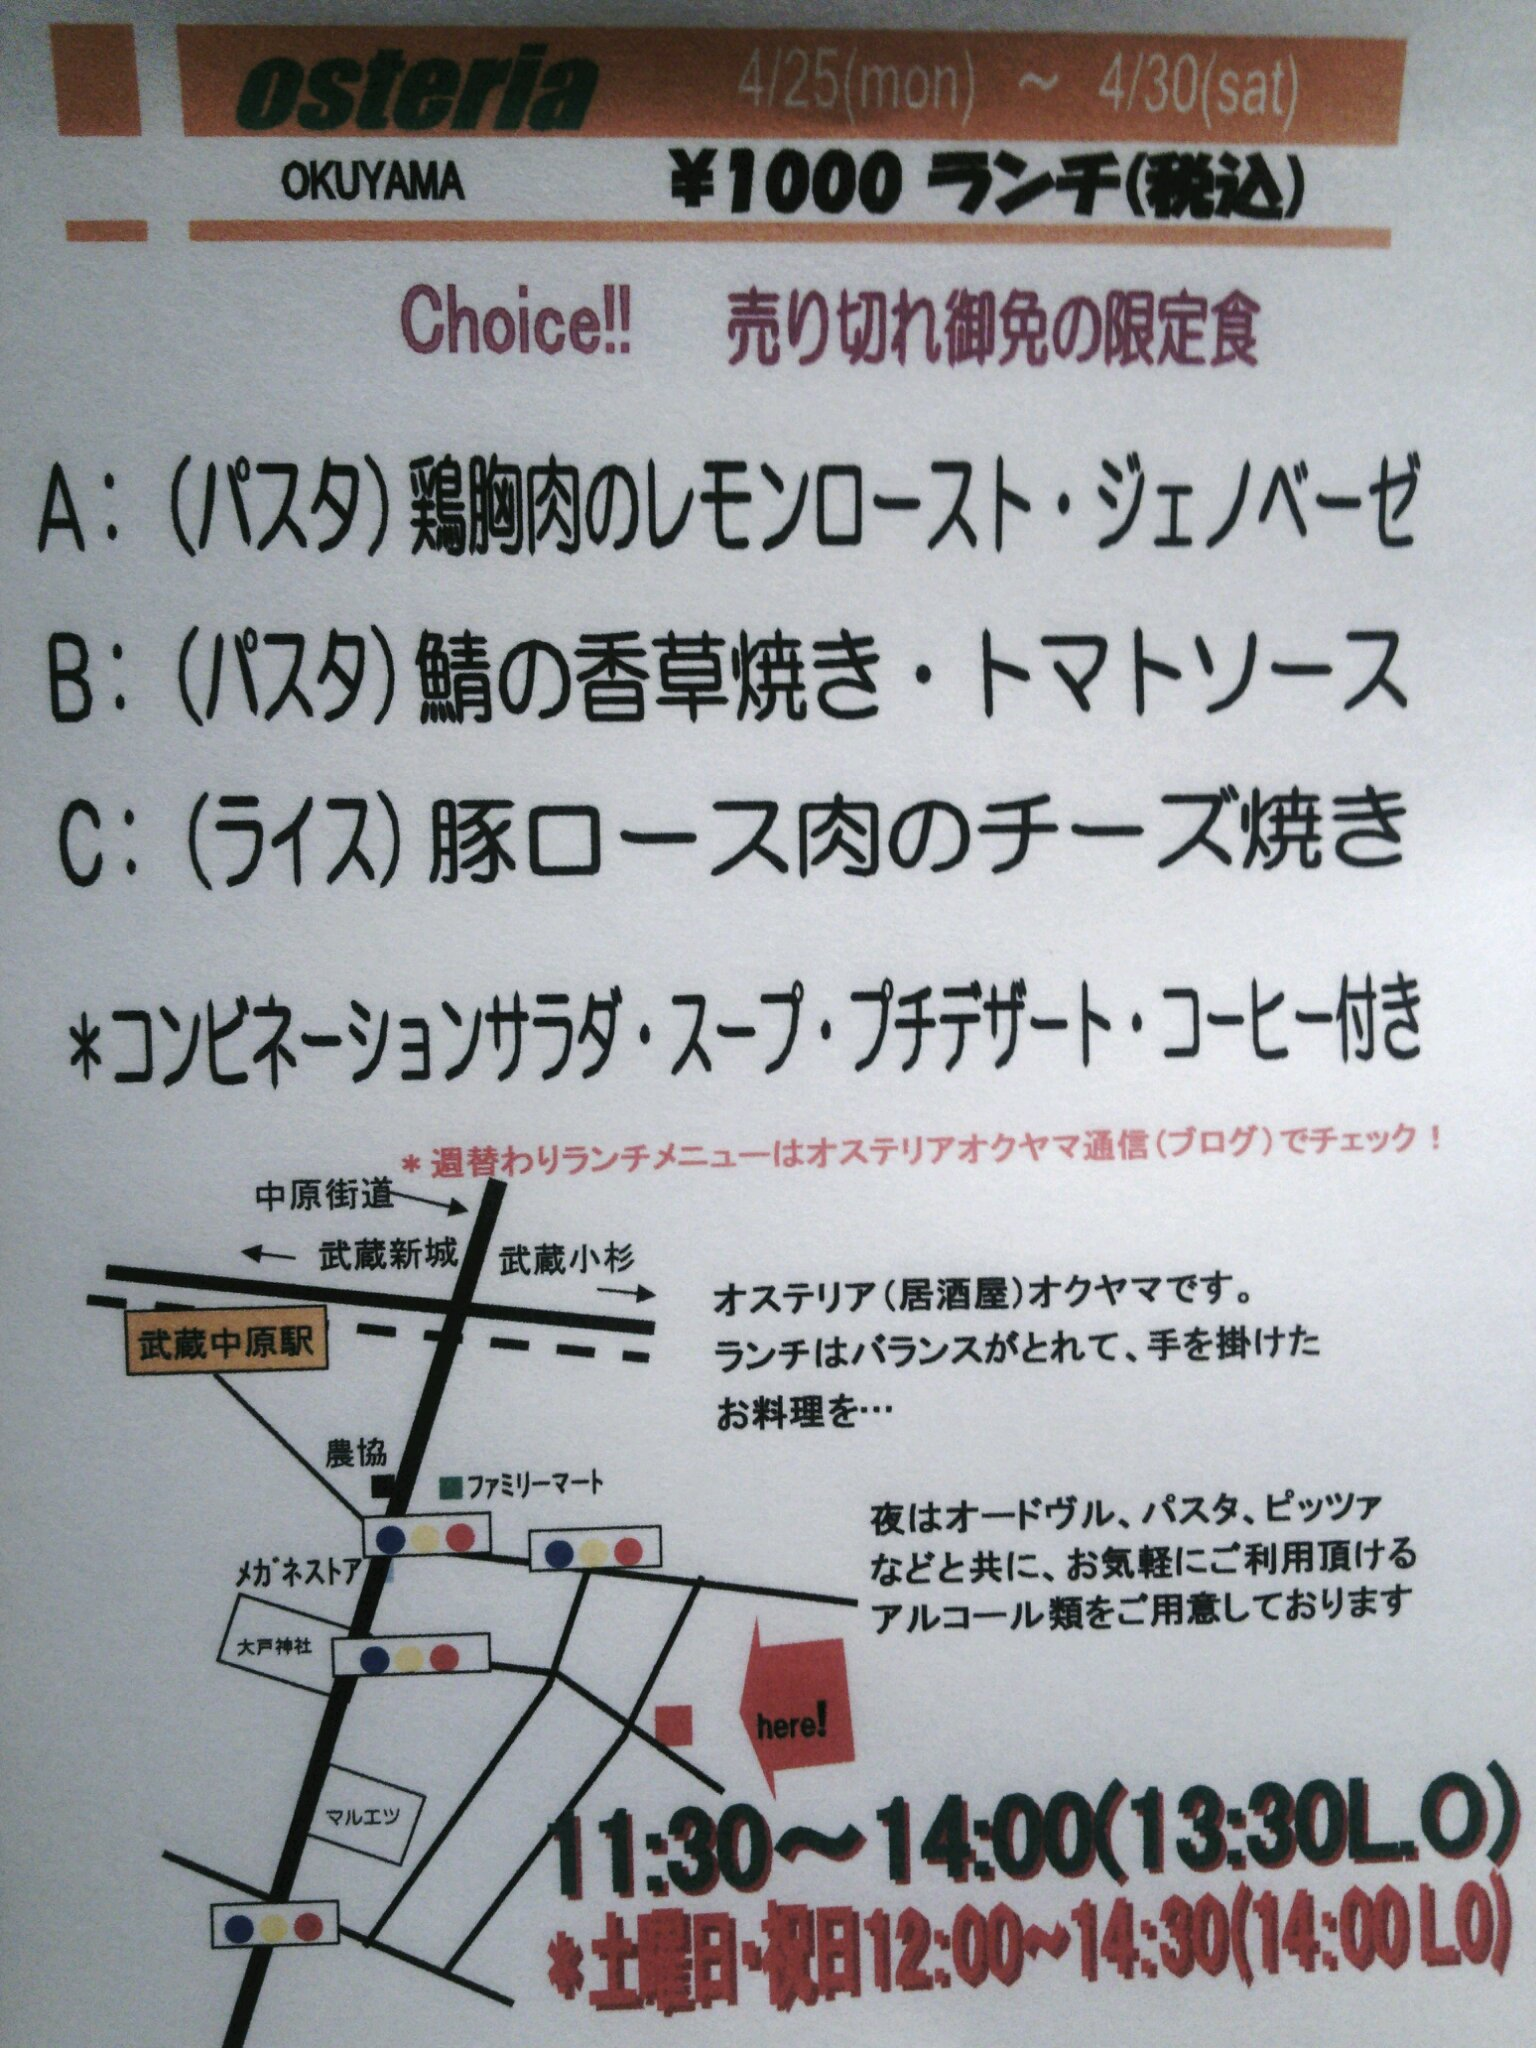 4/25(月)〜4/30(土)ランチ